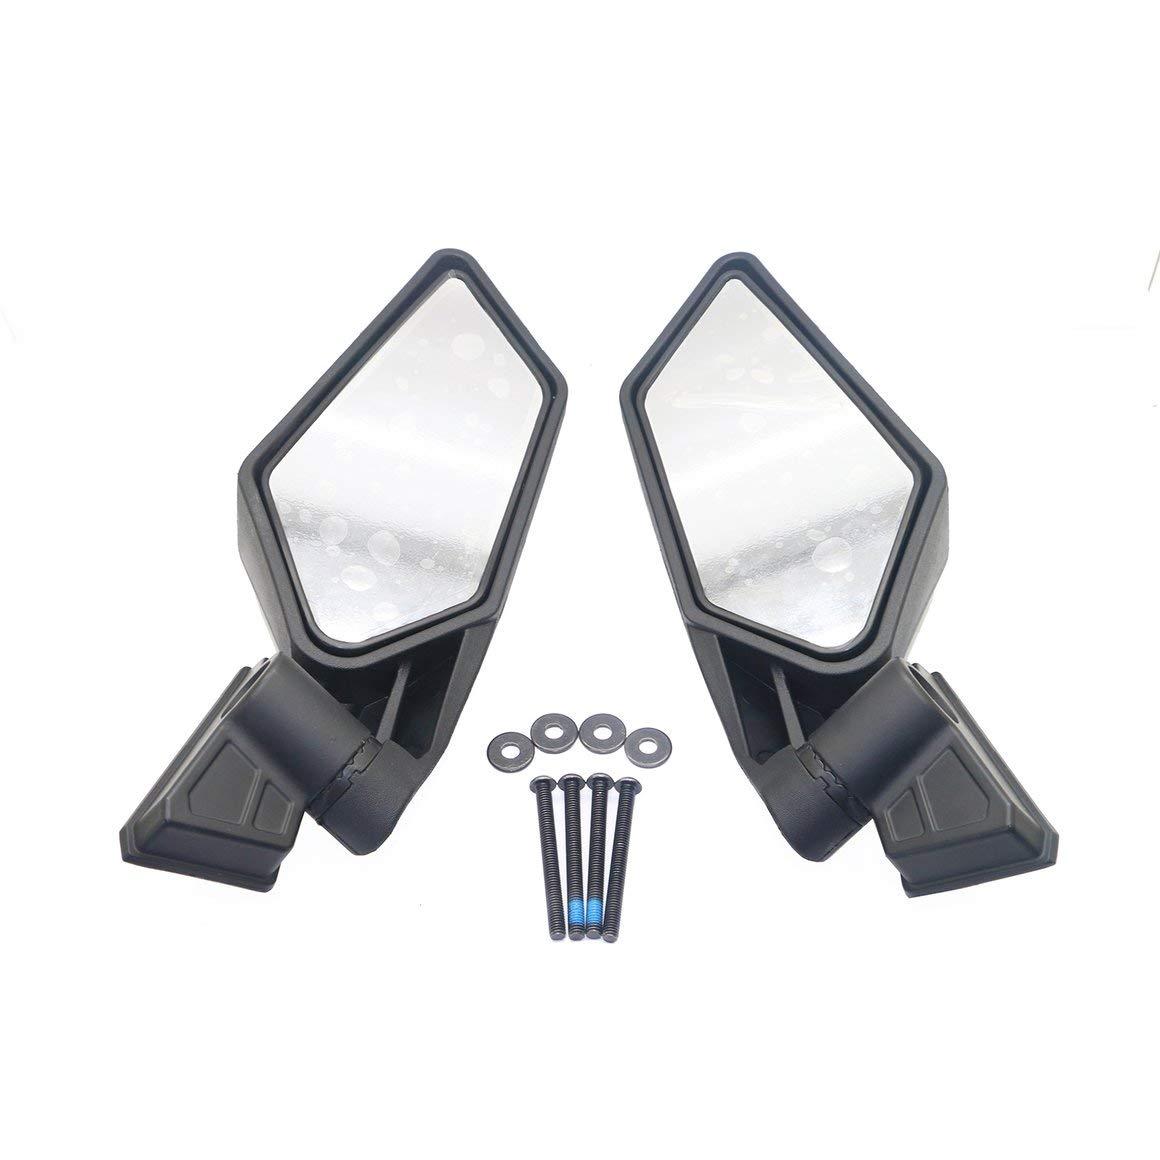 negro Funnyrunstore 1 par de espejos retrovisores Shock Proof Racing UTV Espejos laterales para UTV Can-Am Maverick X3 Accesorios todo terreno